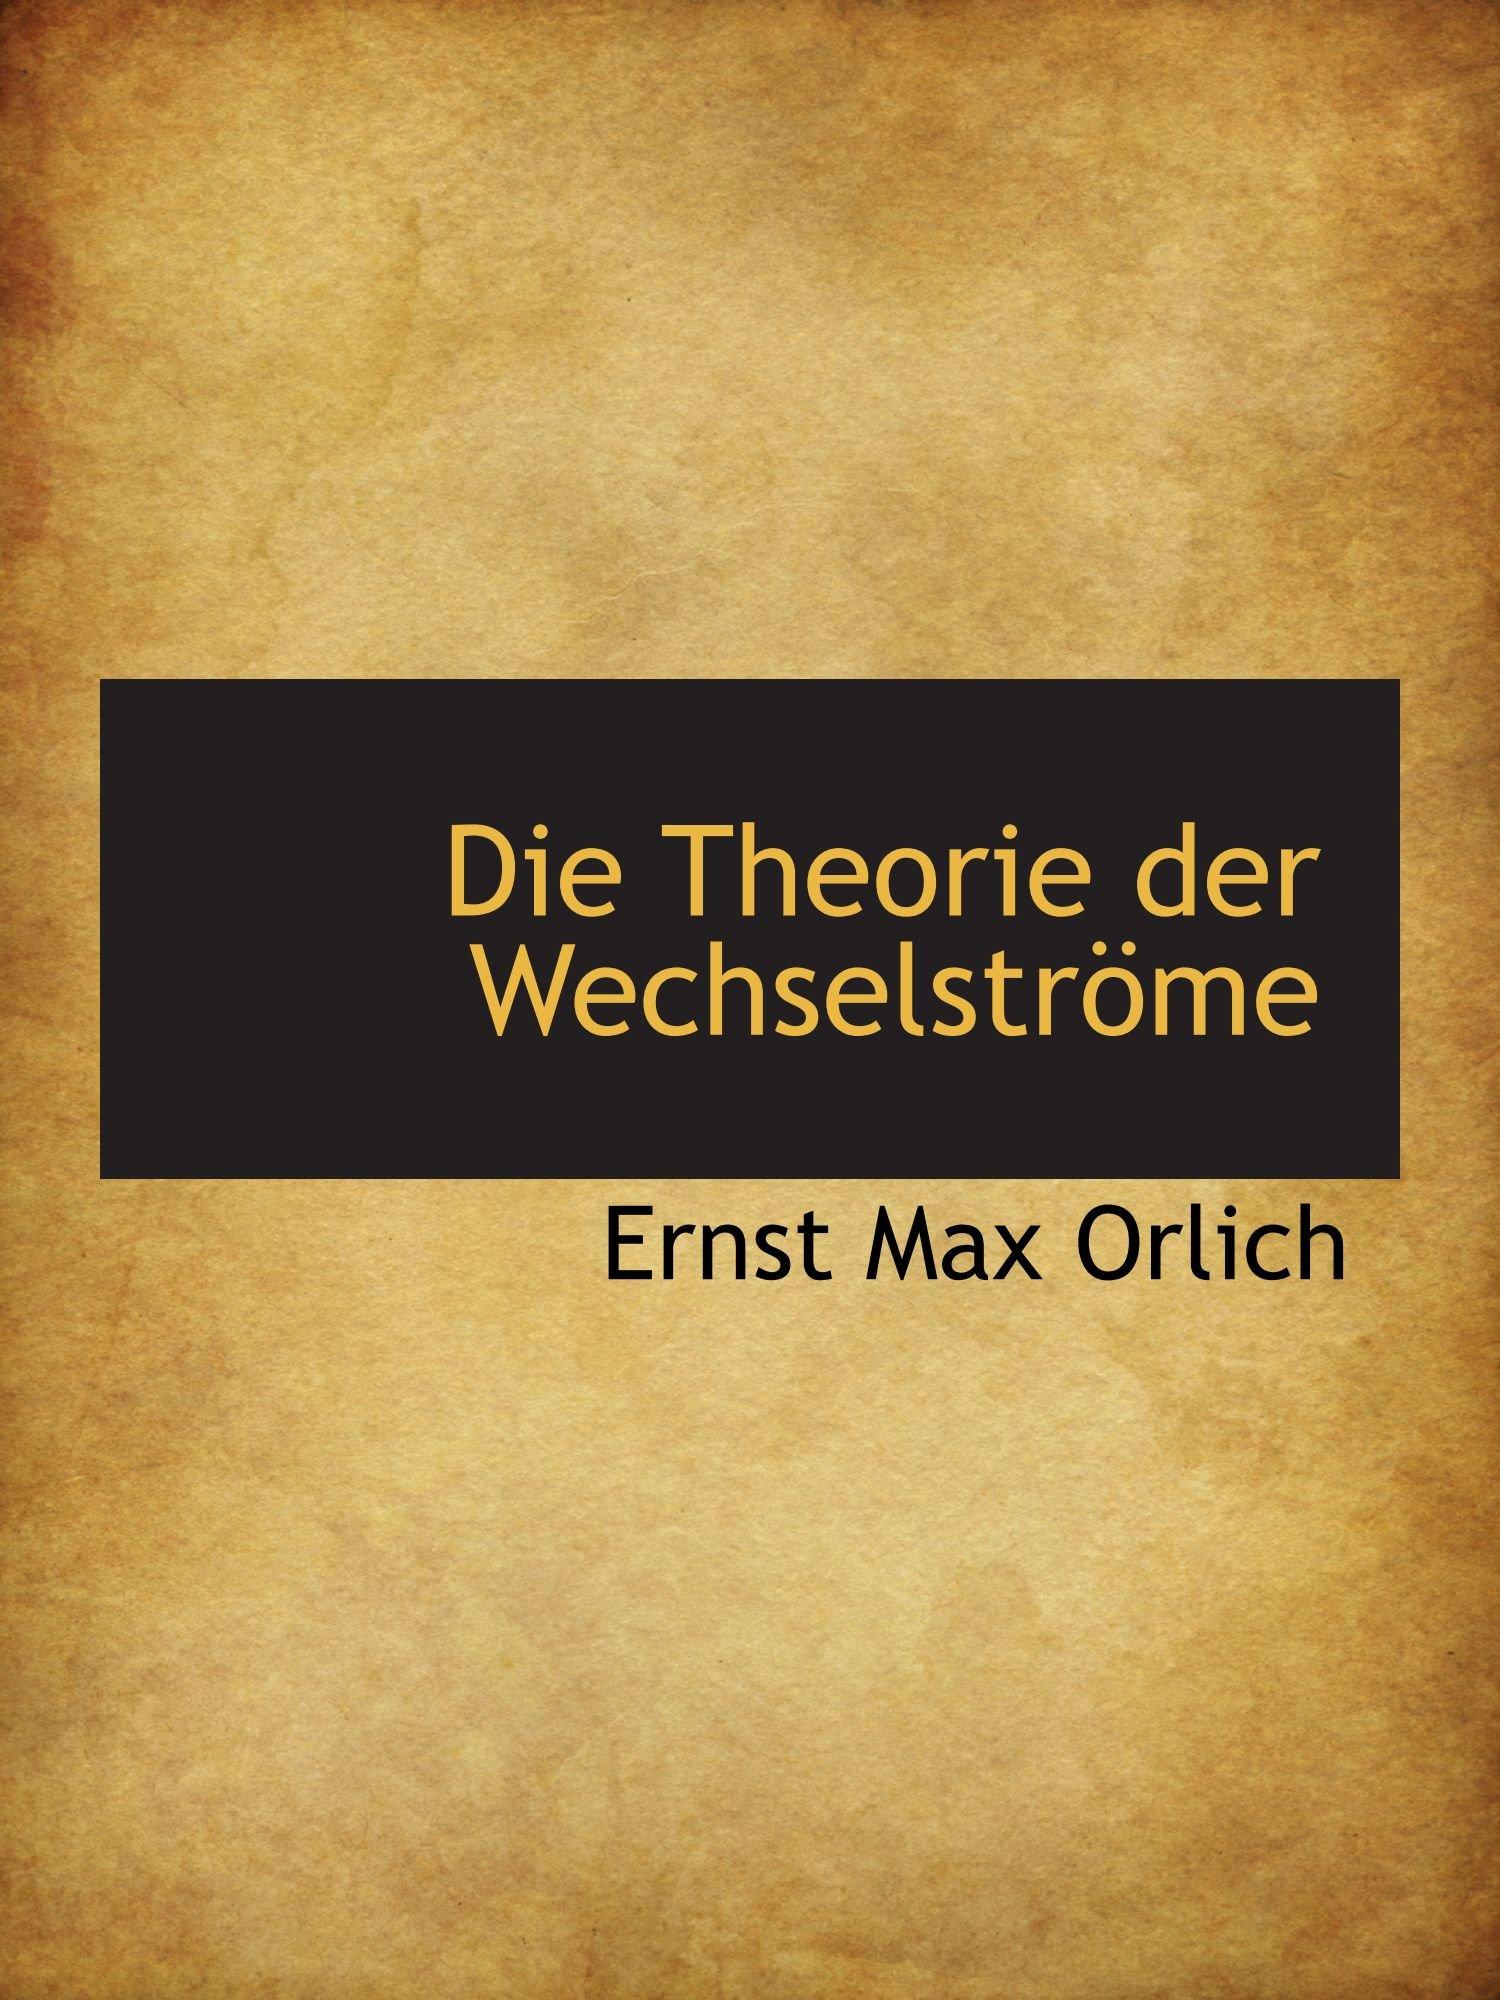 Die Theorie der Wechselströme (German Edition) pdf epub